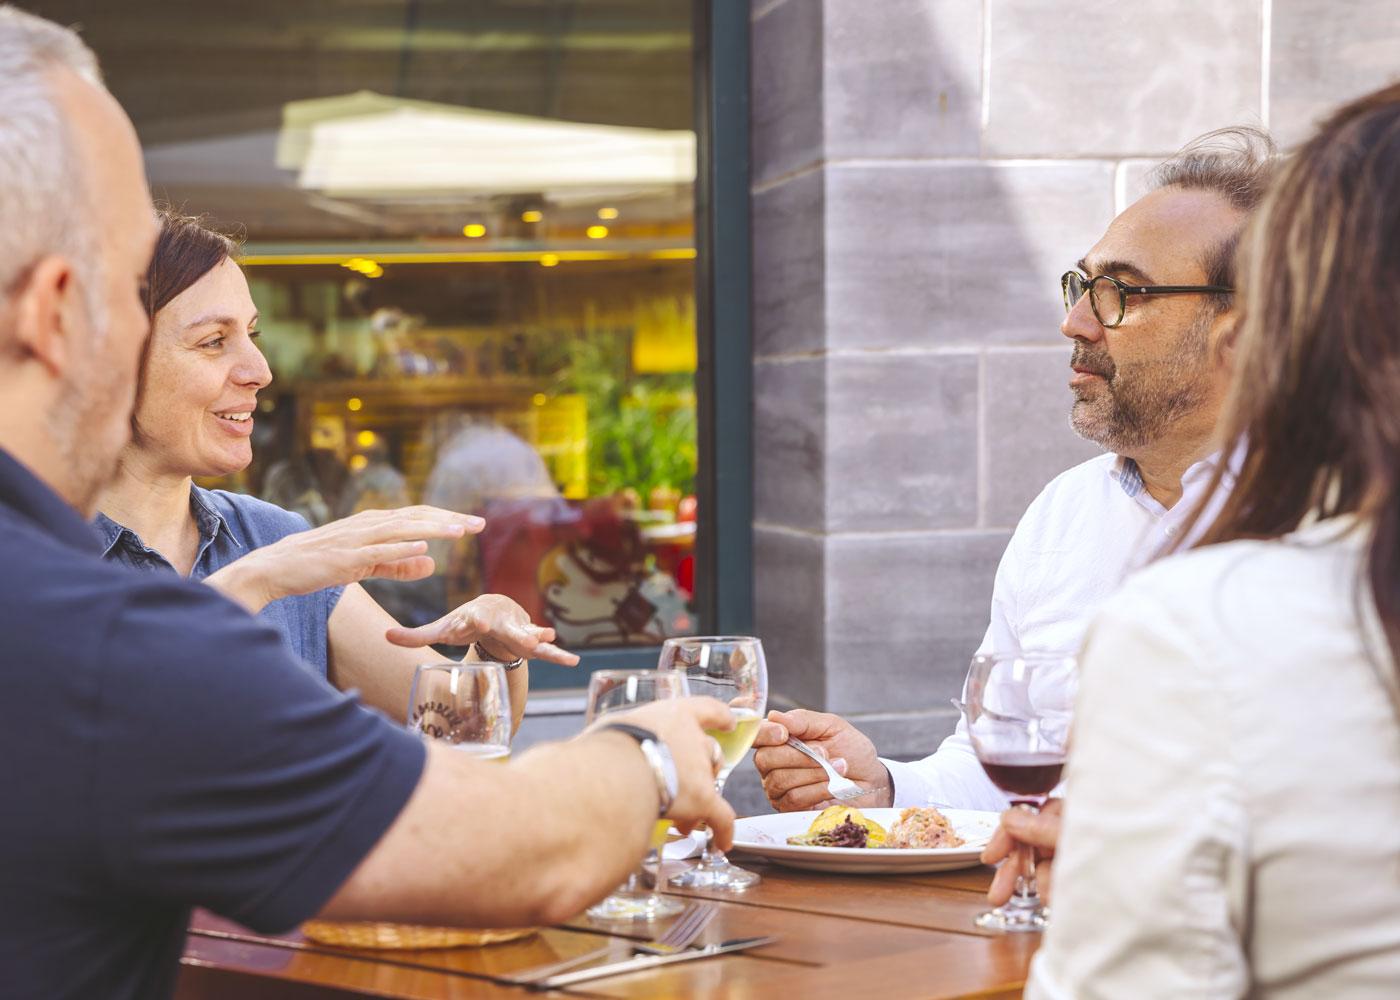 Avec son menu très british et ses alcools québécois, le comptoir urbain du Café 47 offre le parfait complément à une visite du Musée à l'heure du goûter!